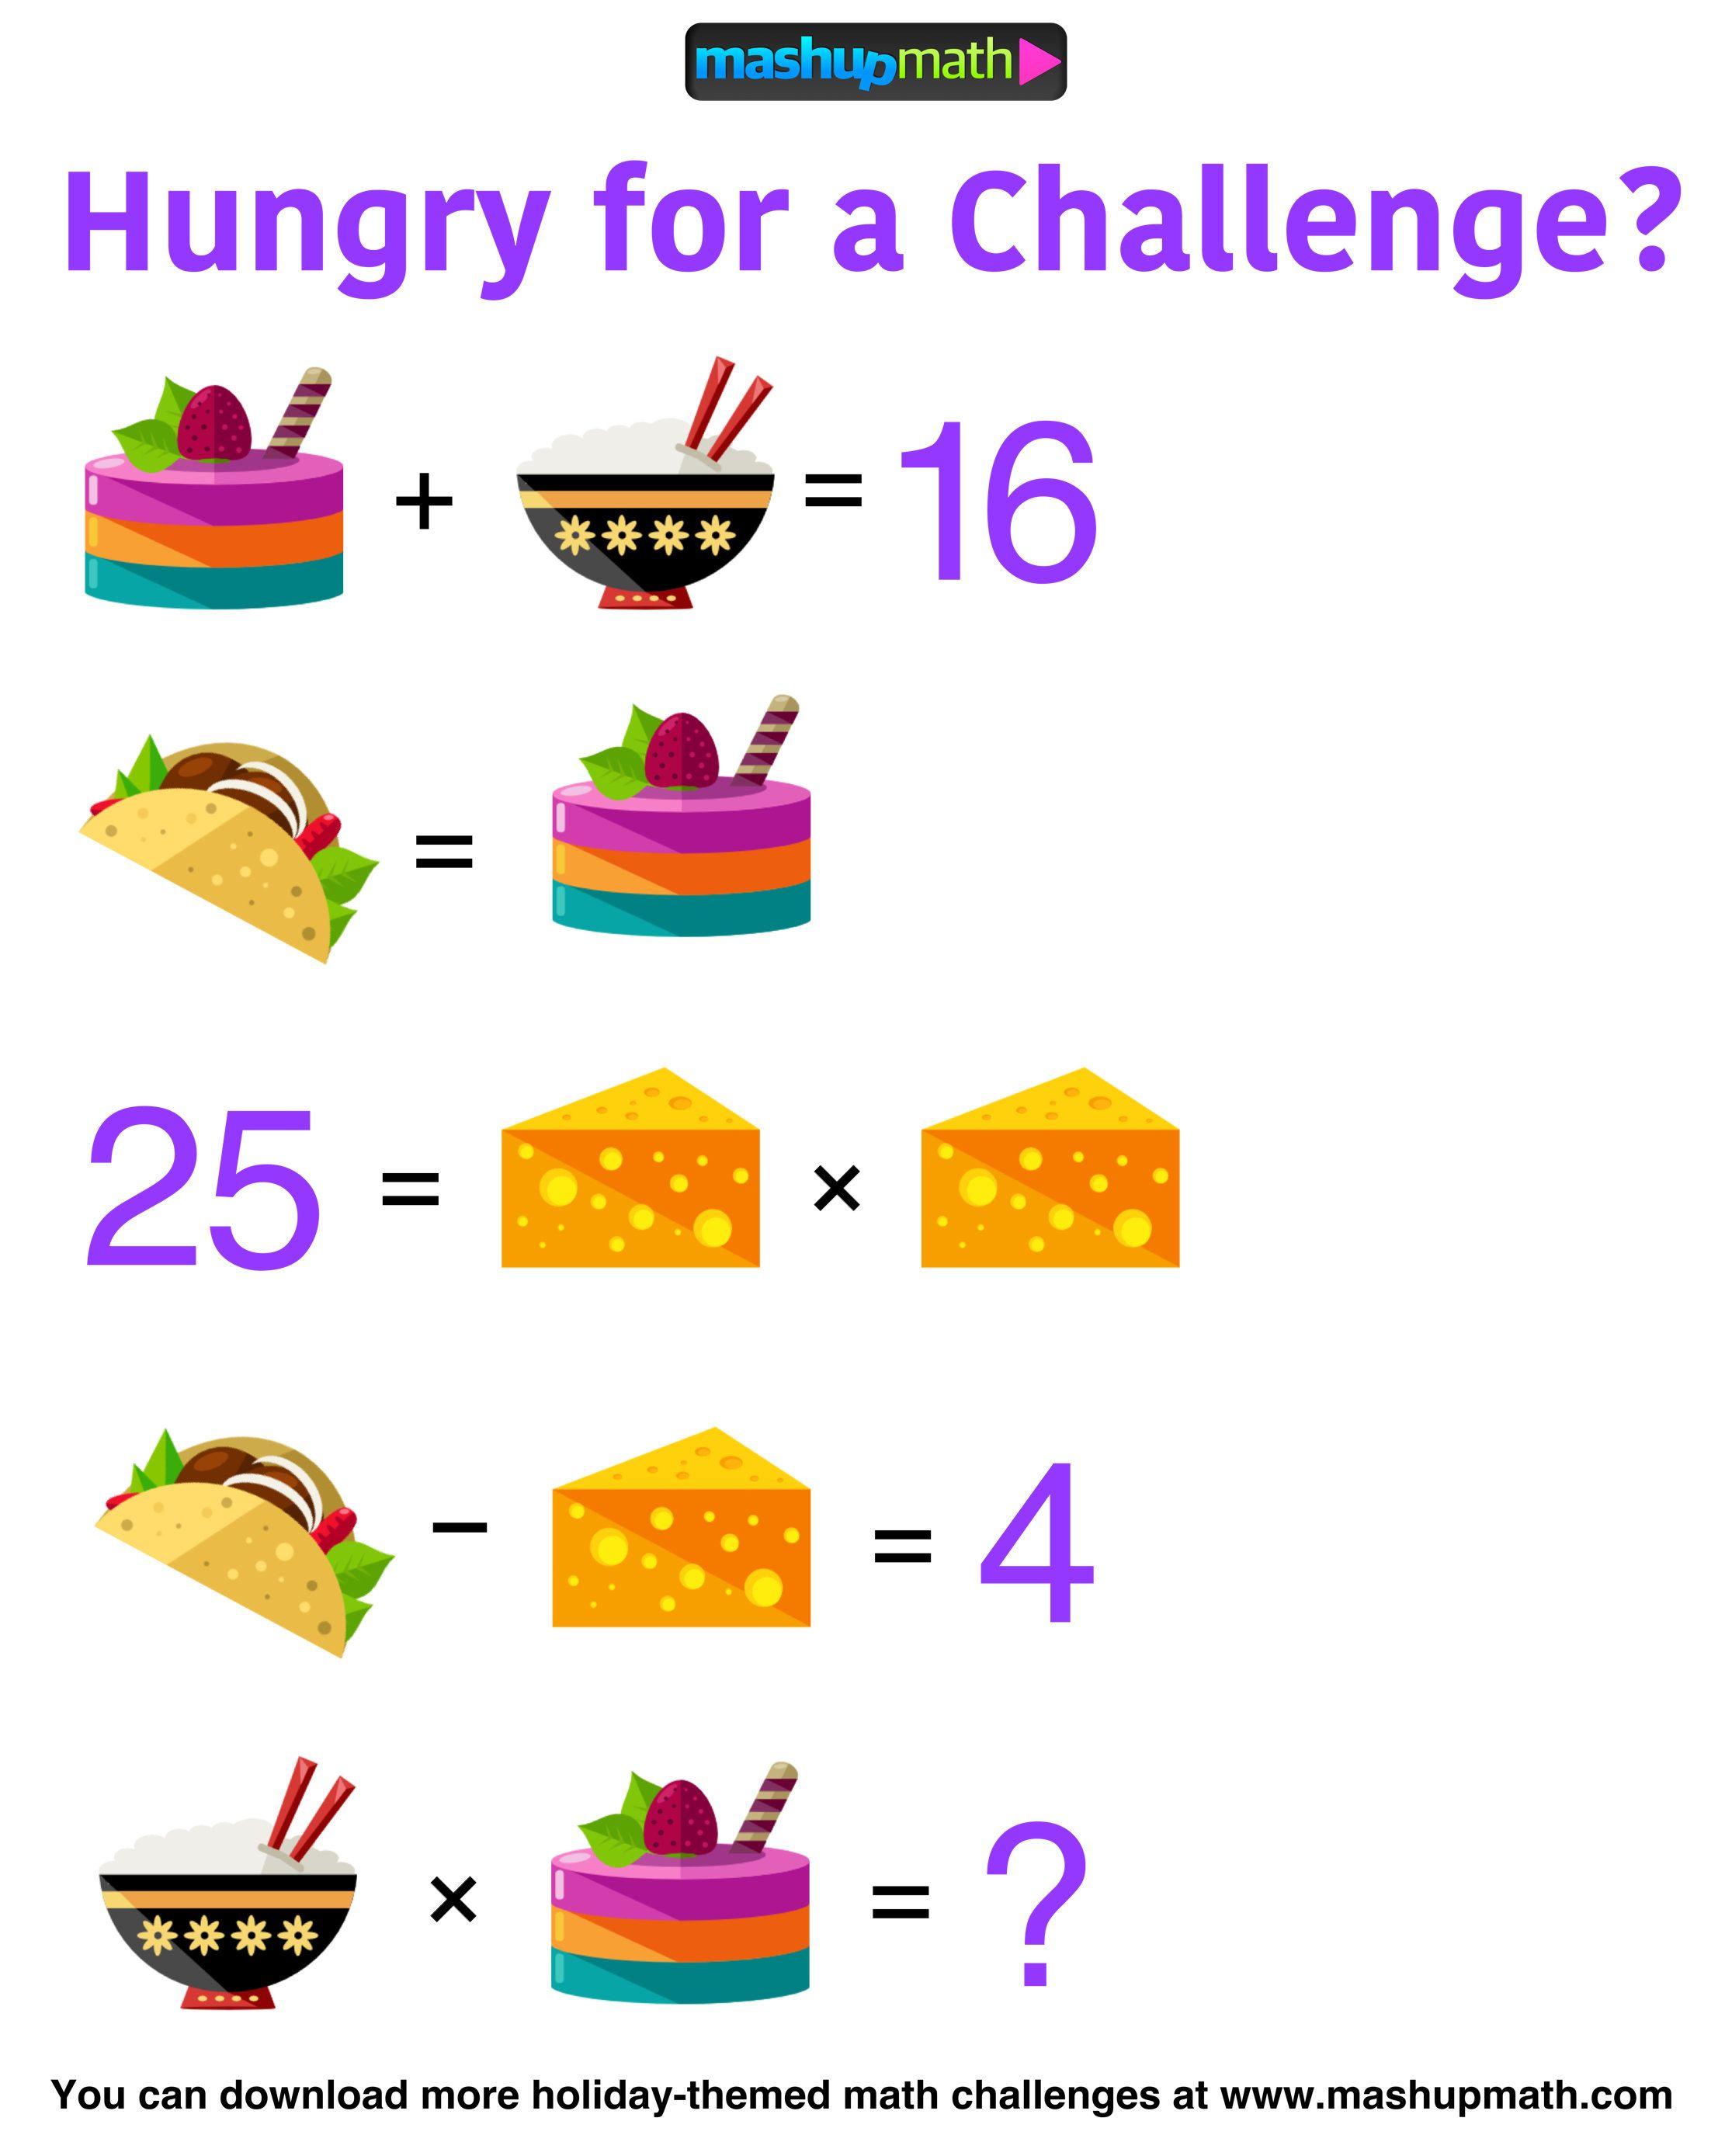 014e189d 11f1 4e05 9710 Cab07c73bb0d Jpg 2222 2777 Math Puzzles Middle School Maths Puzzles Math Challenge [ 2777 x 2222 Pixel ]